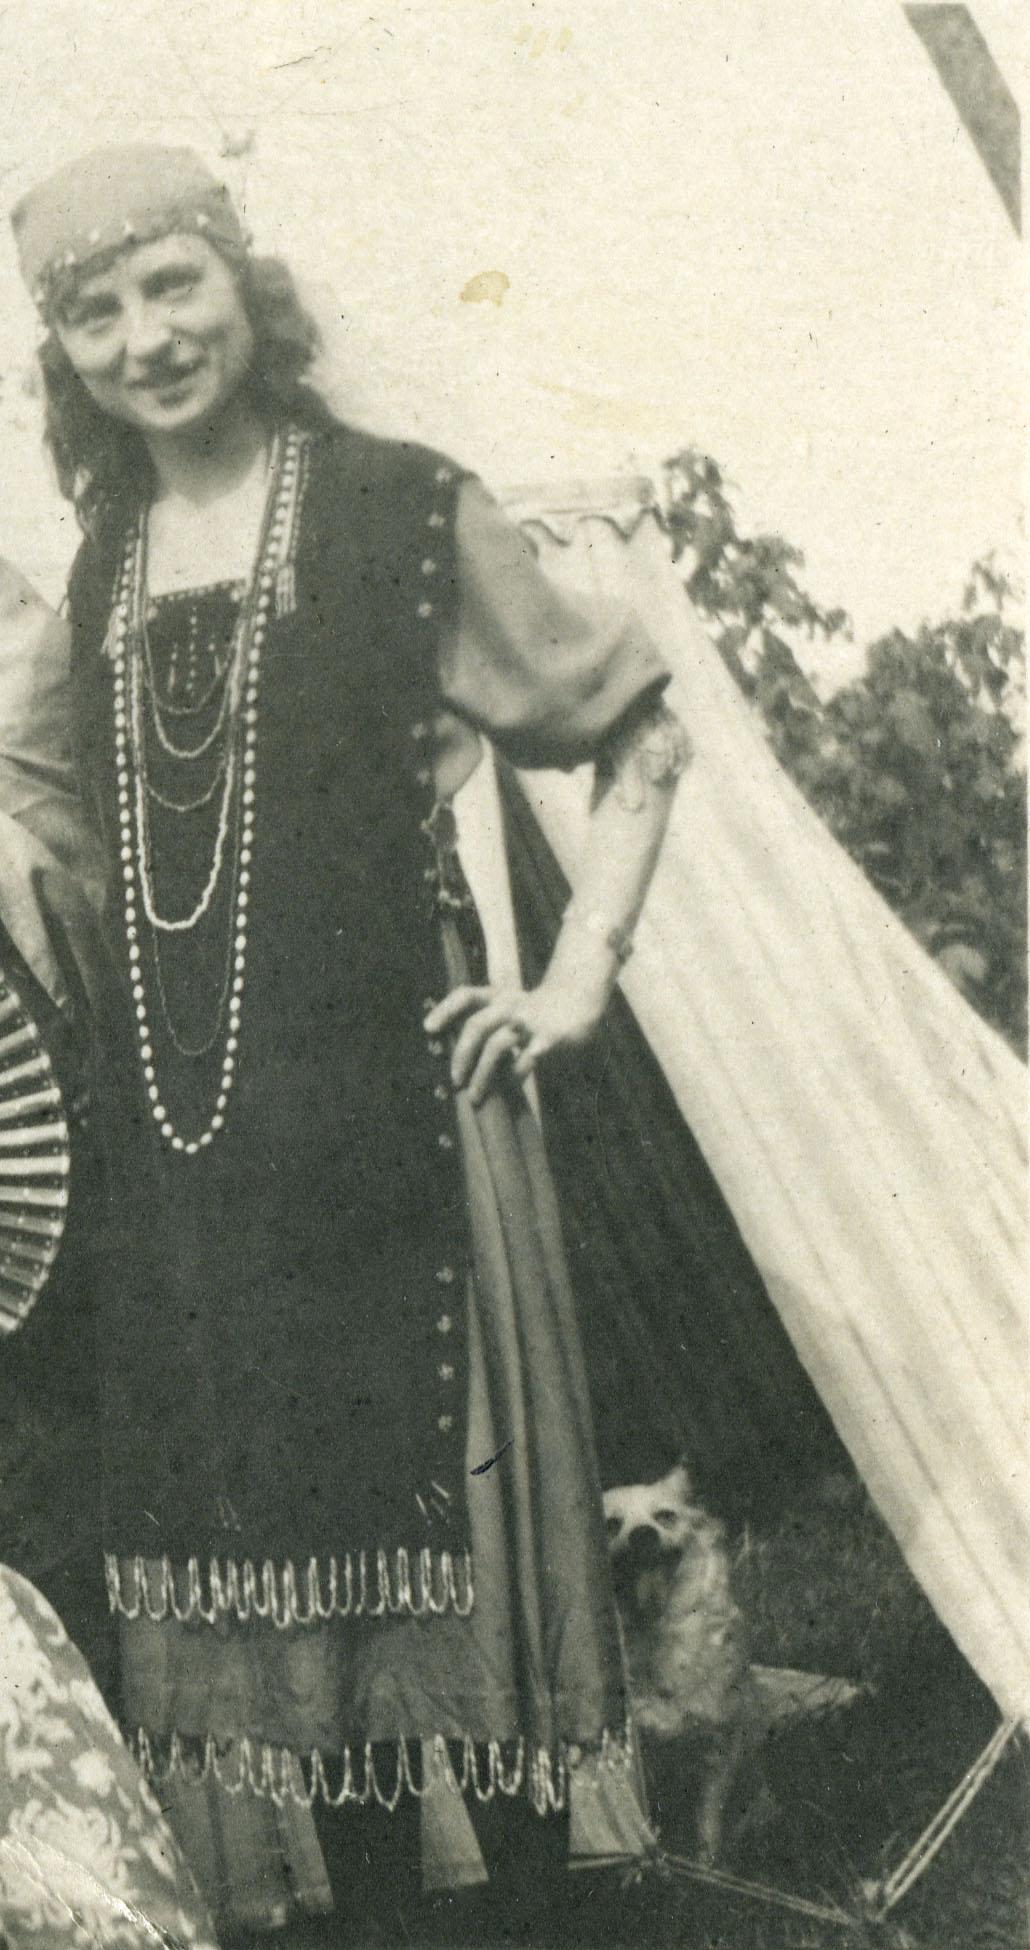 Jeune femme coiffée d'un foulard et portant une robe bohémienne et plusieurs colliers, devant une tente et un chien.